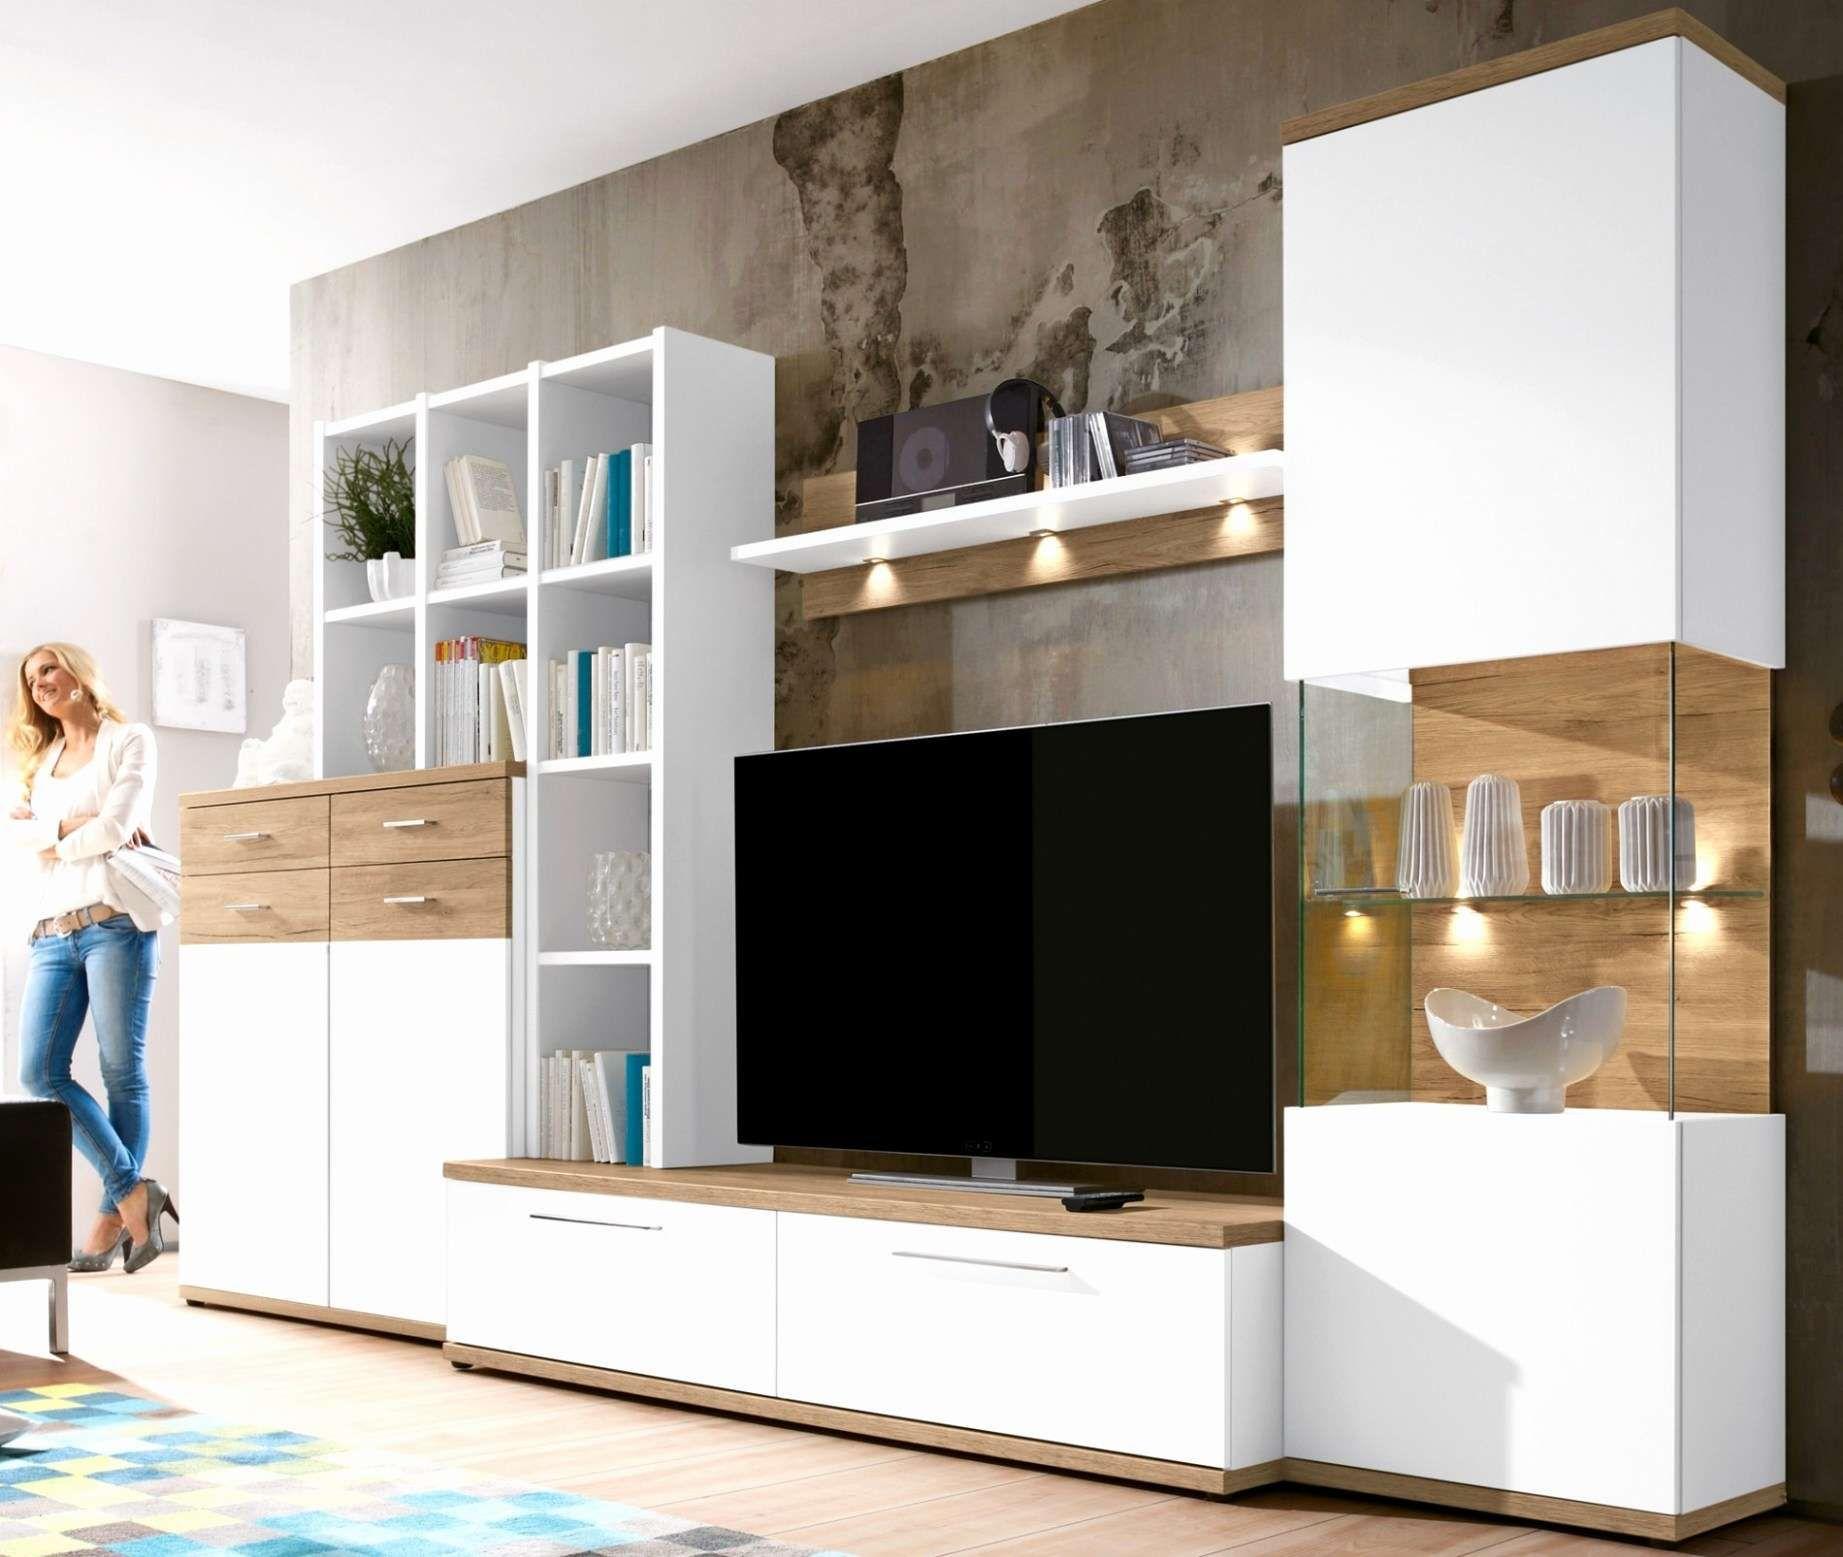 Regal über Fernseher Regal über Tür in 8  Wohnzimmerschränke